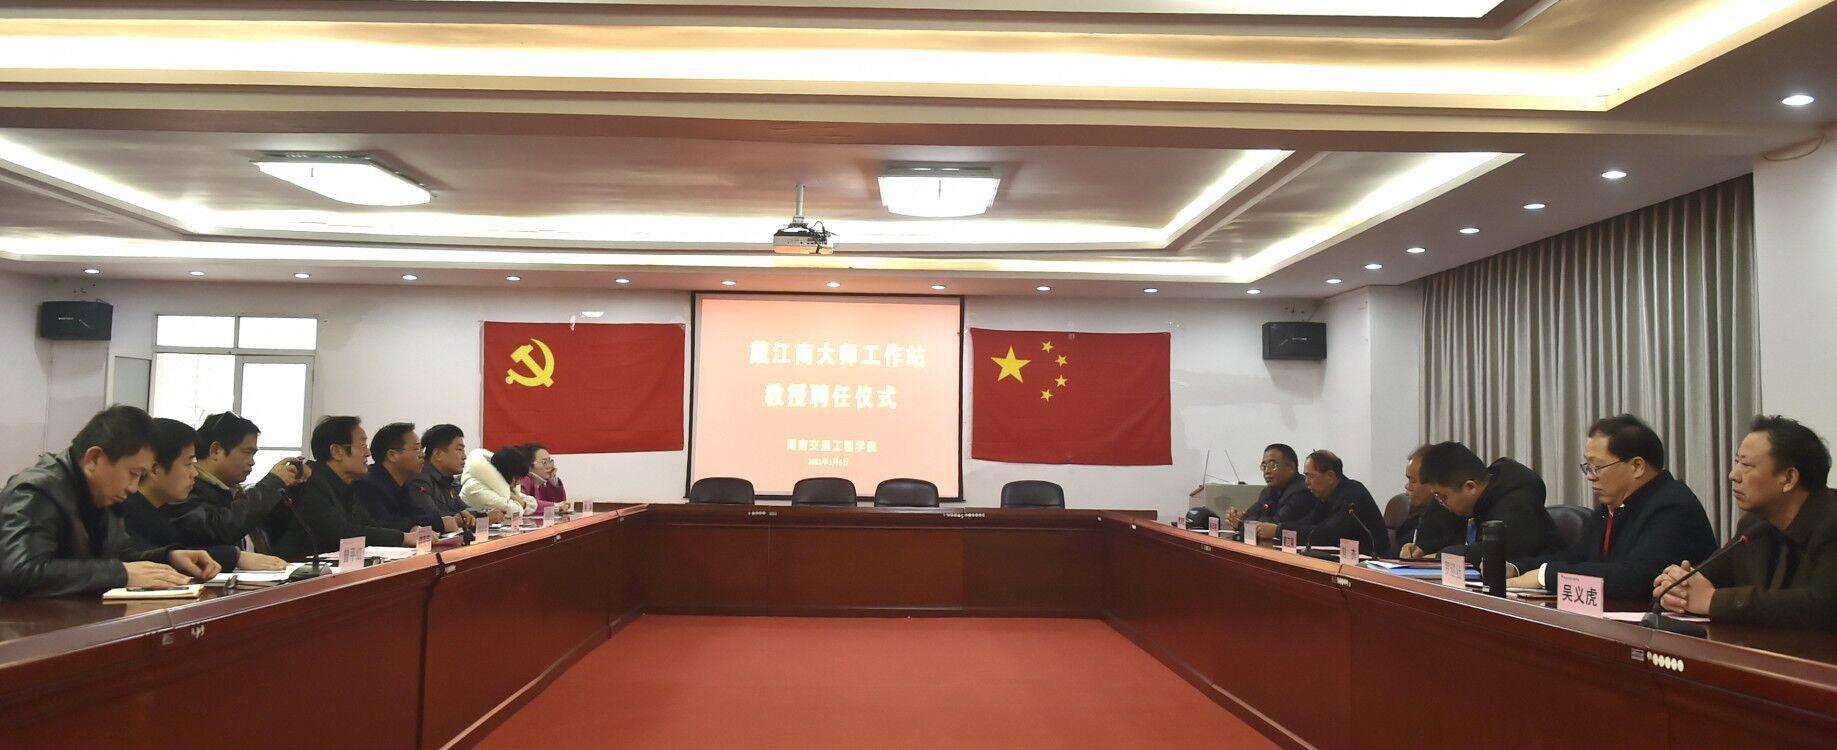 学校举行戴江南大师工作站特聘教授聘任仪式